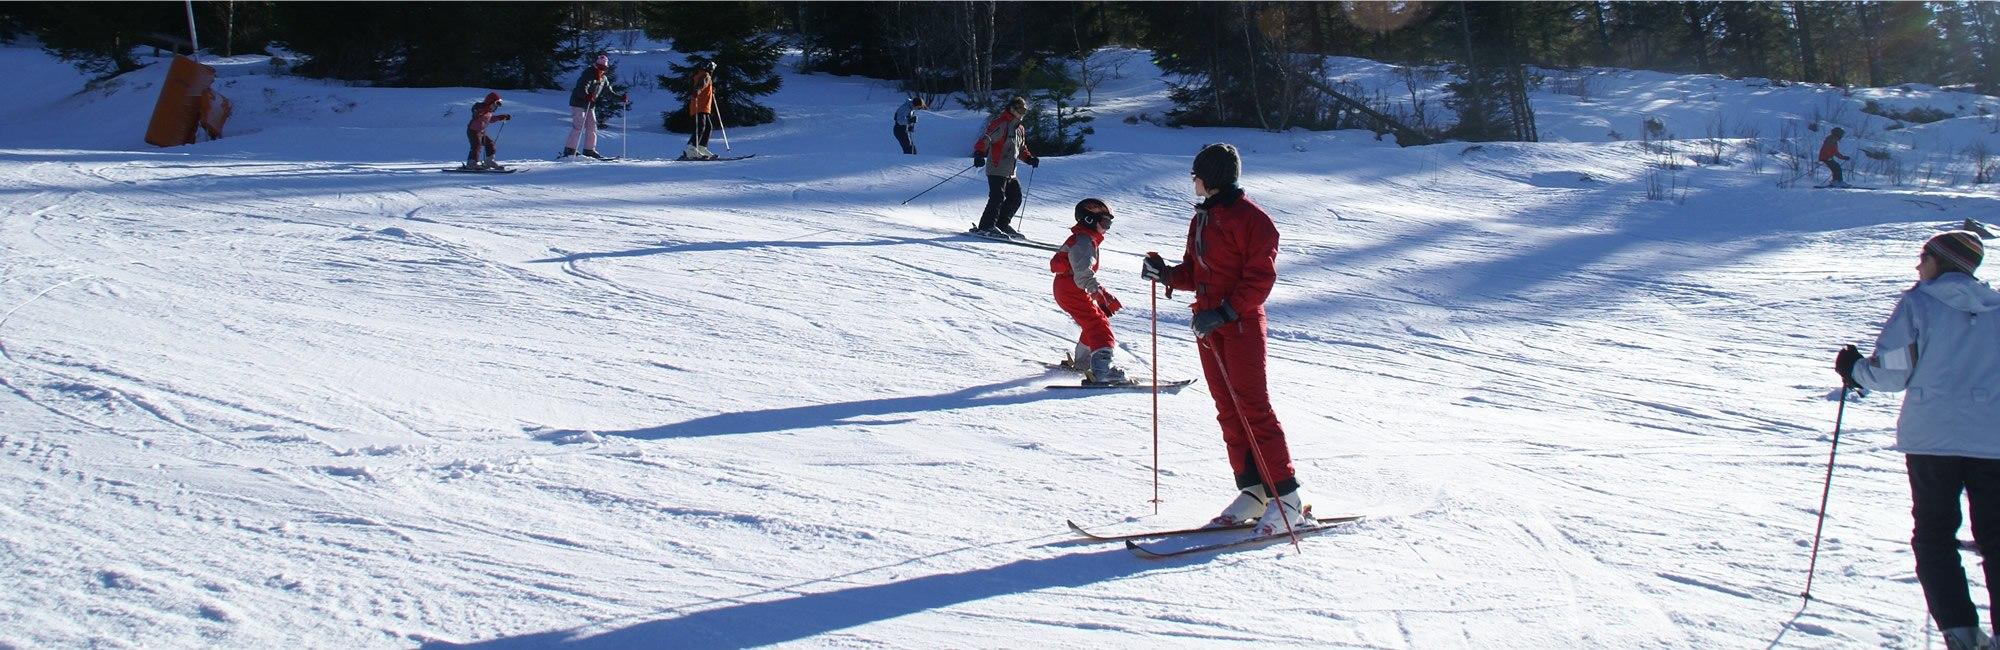 ski-lac-blanc.jpg